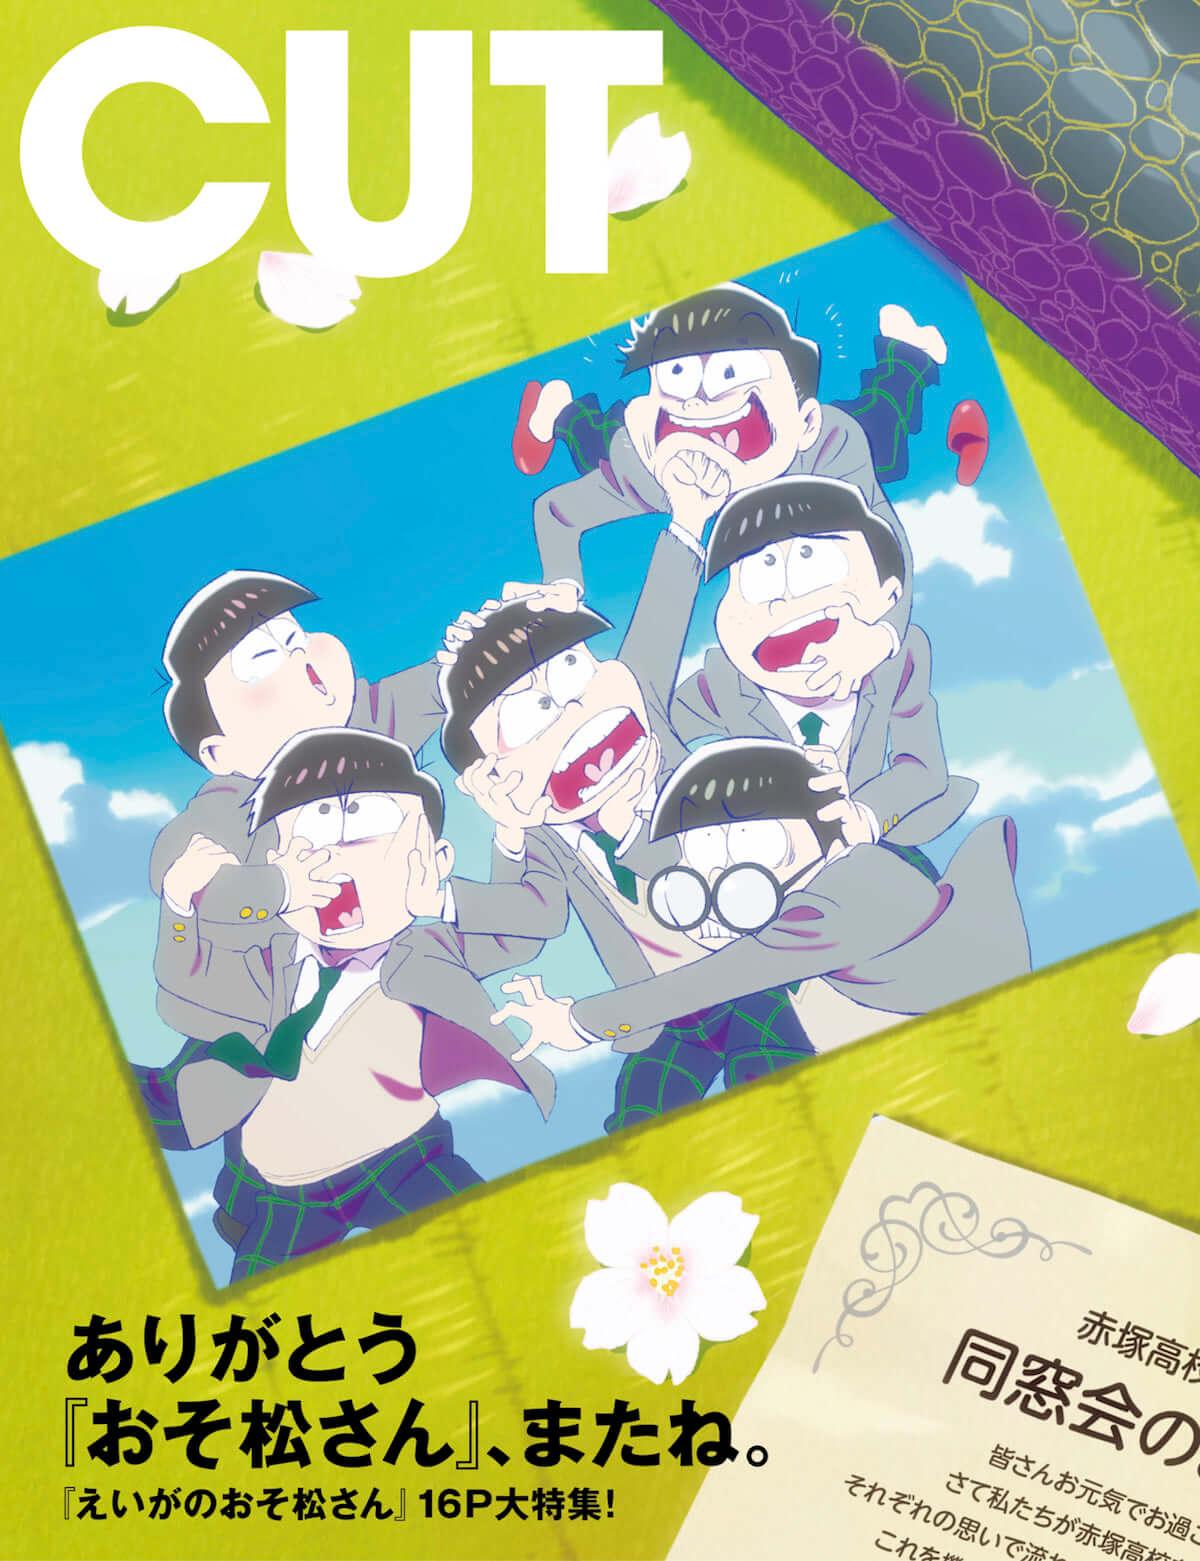 『CUT』4月号の表紙&巻頭はクイーン!裏表紙には『えいがのおそ松さん』も art190315_cut_1-1200x1561